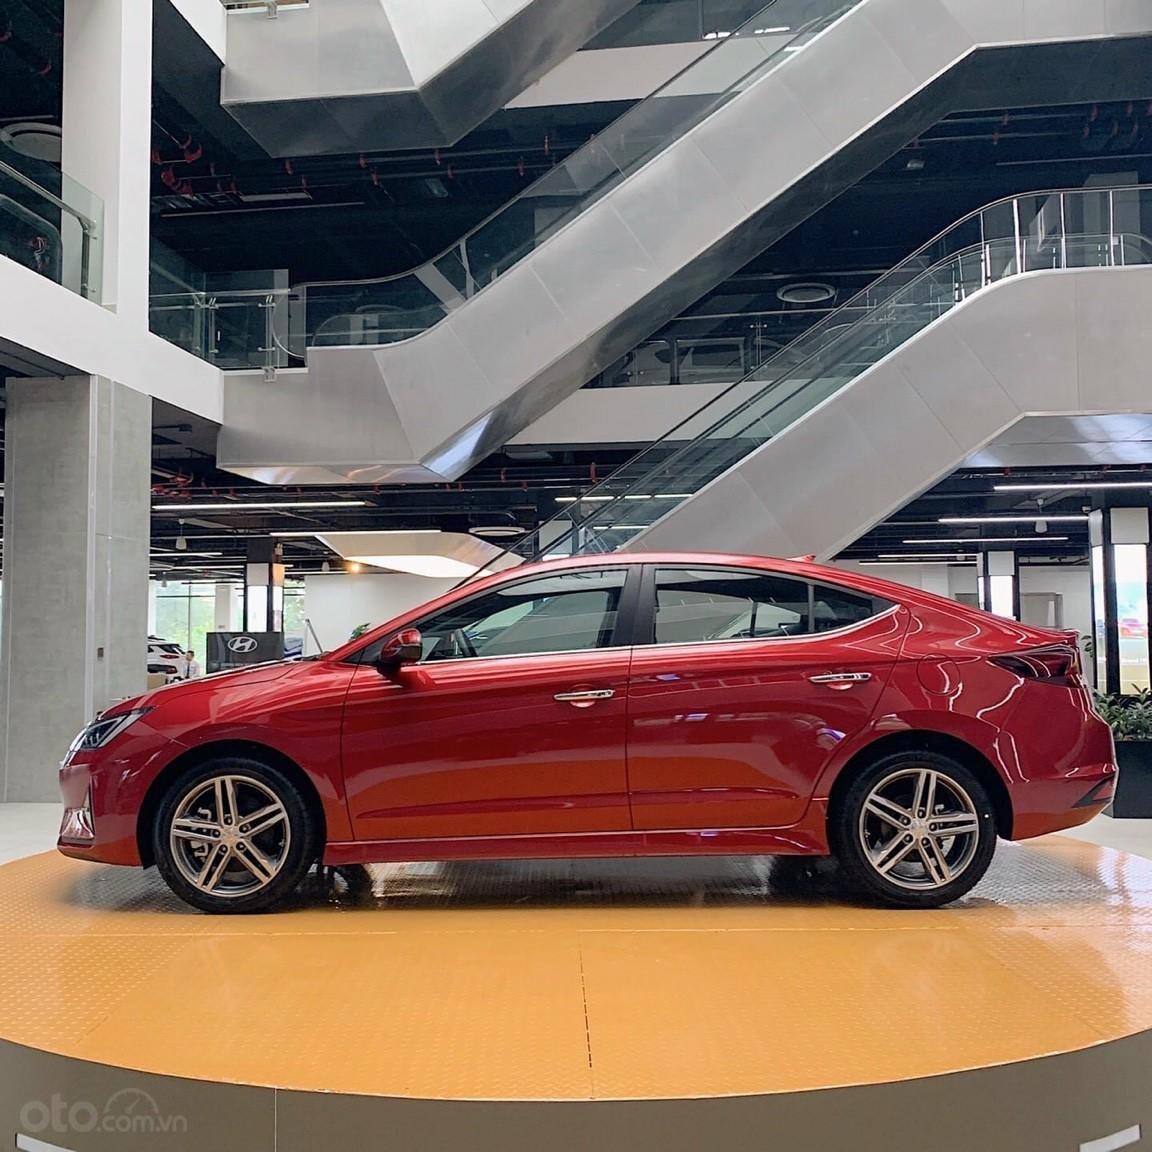 Chỉ từ 150tr đã có xe Hyundai Elantra chính hãng _ giao xe ngay đủ màu + đủ phiên bản, giá tốt nhất miền Nam (9)